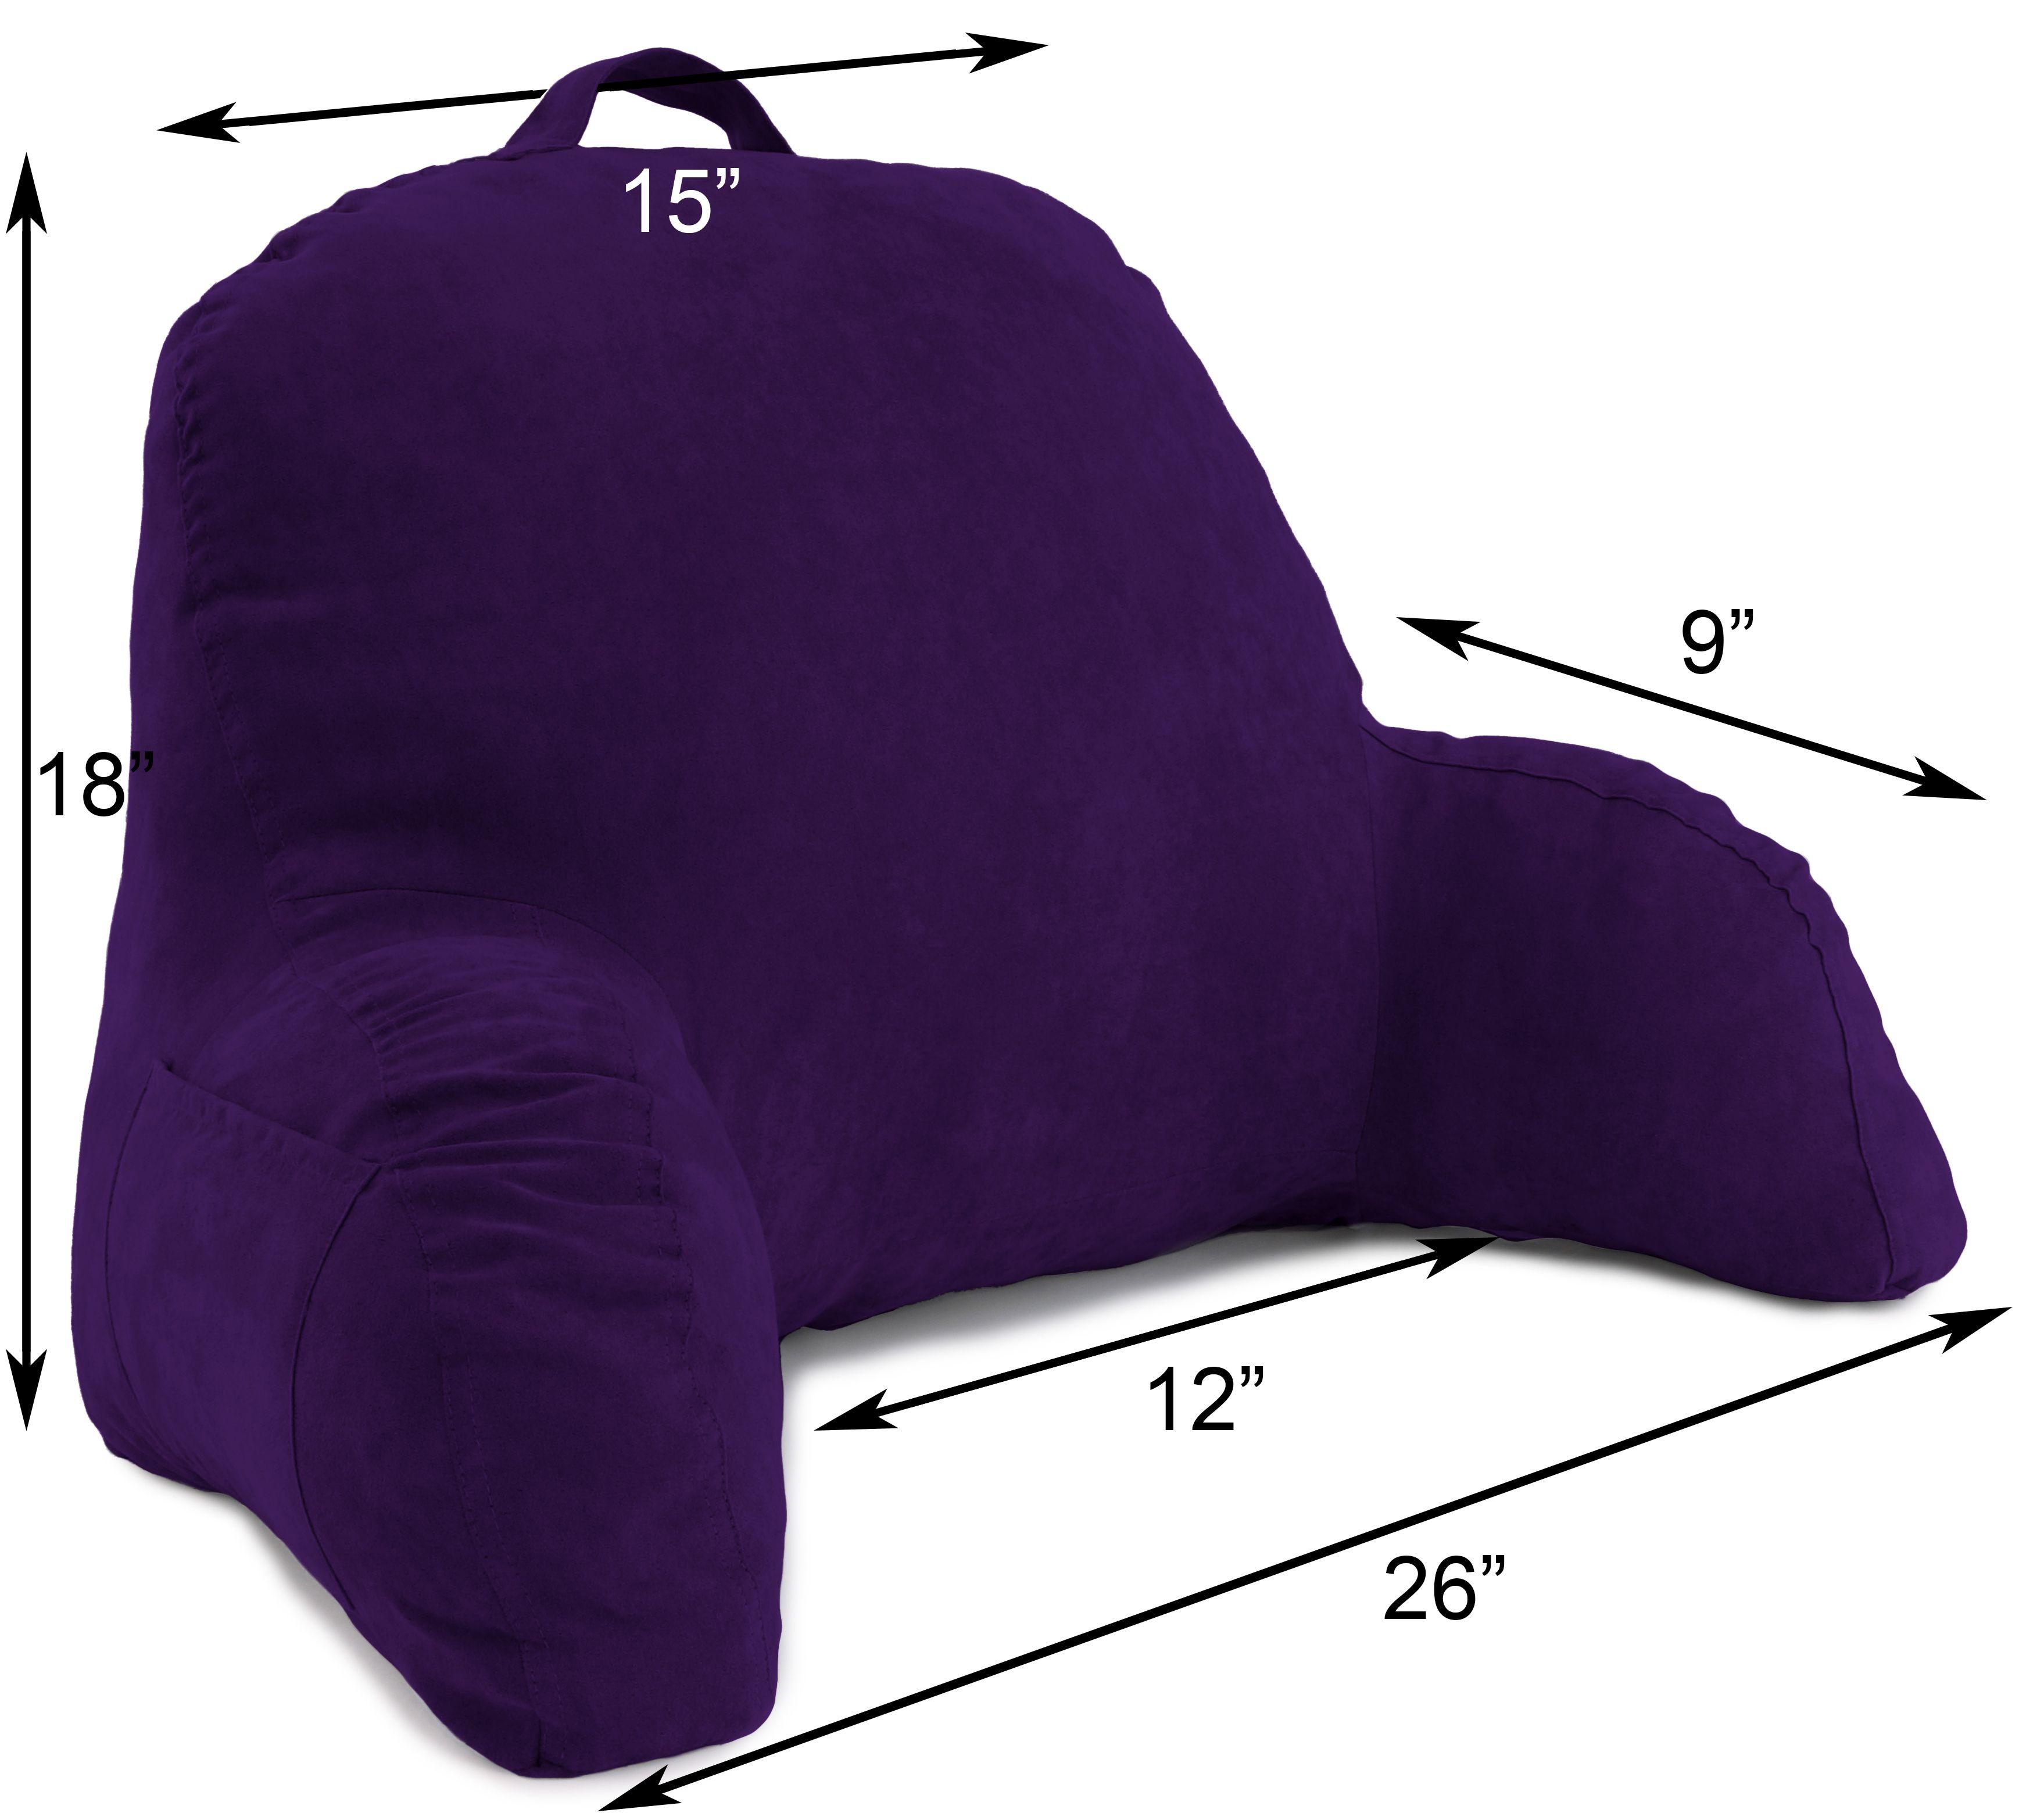 Home Support pillows, Backrest pillow, Pillows